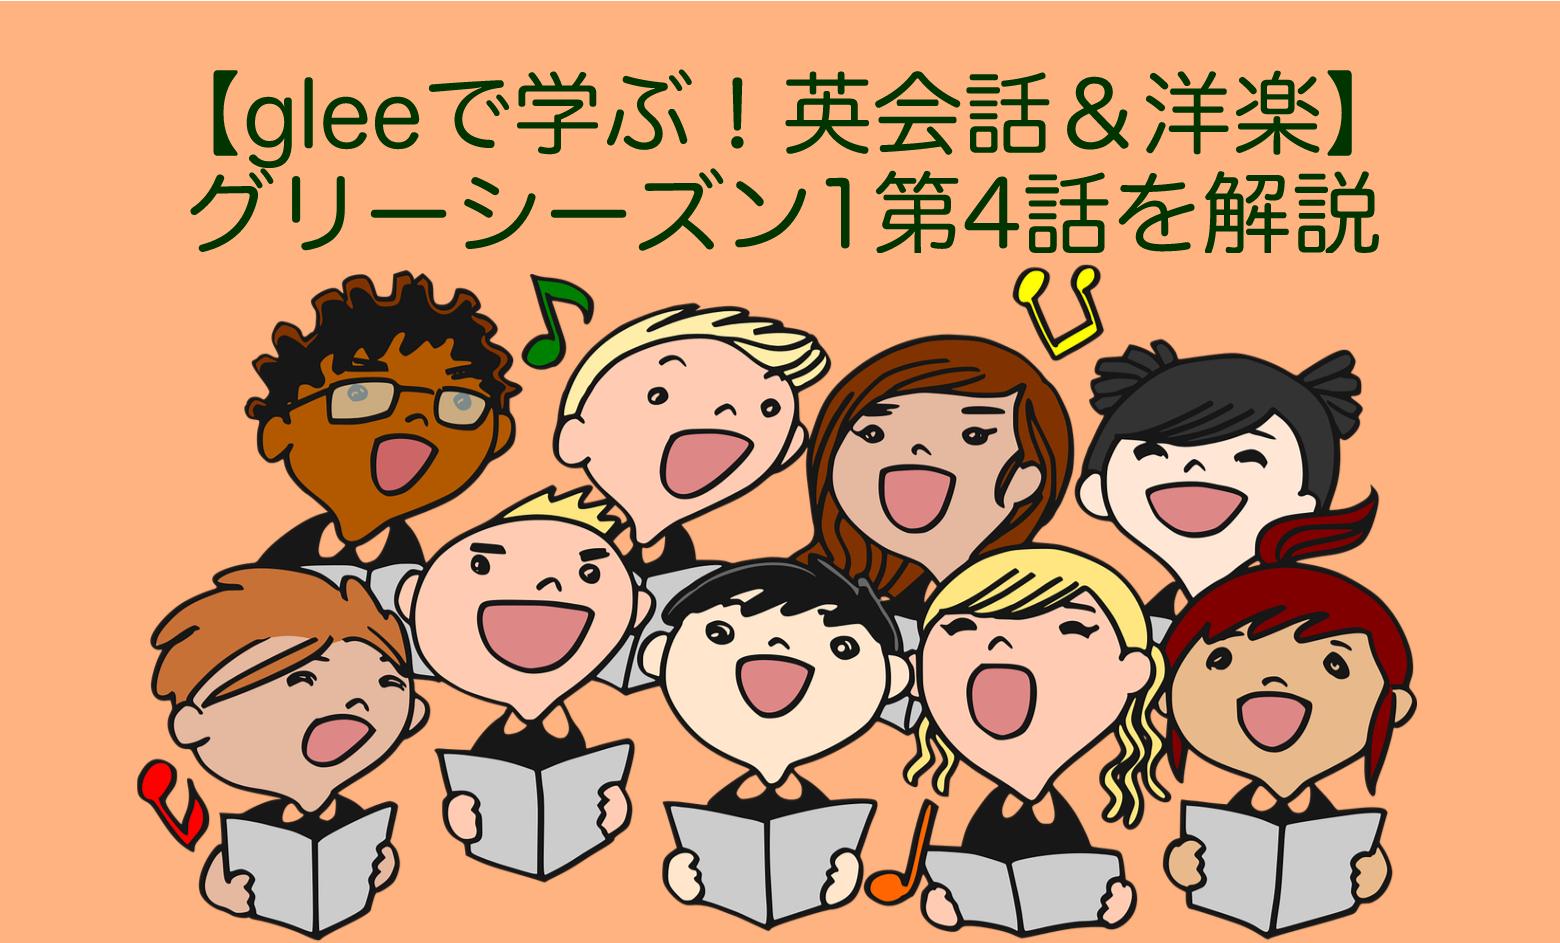 glee_1_4